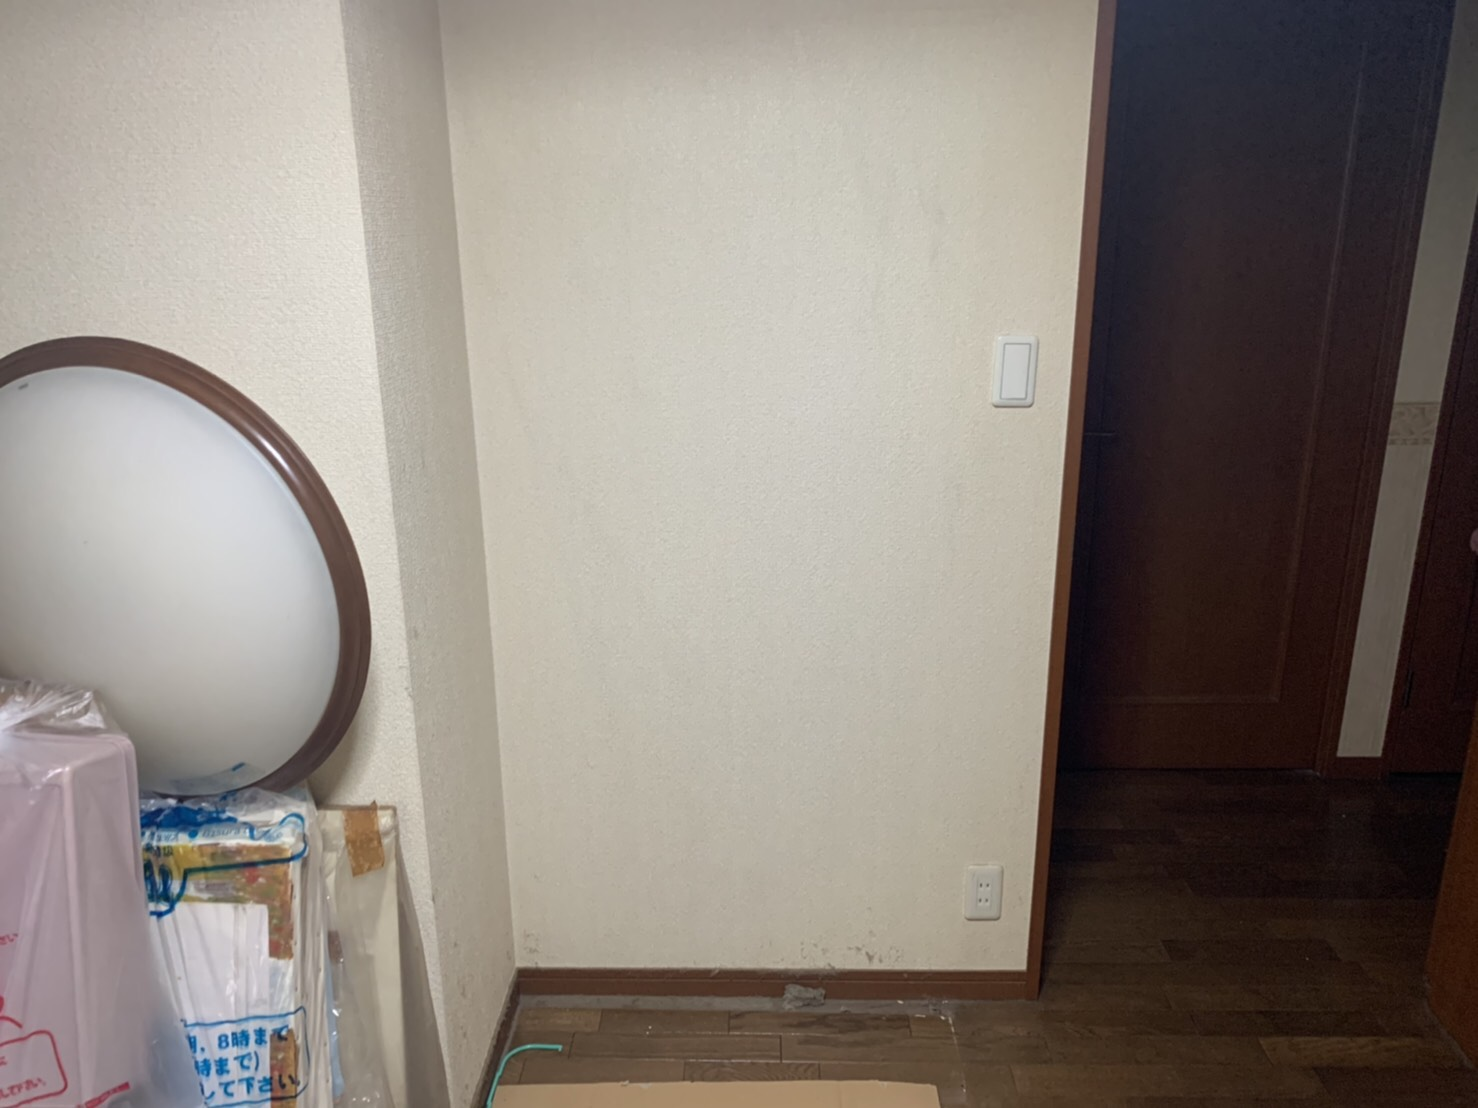 愛知県名古屋市のコレクションボードの回収後